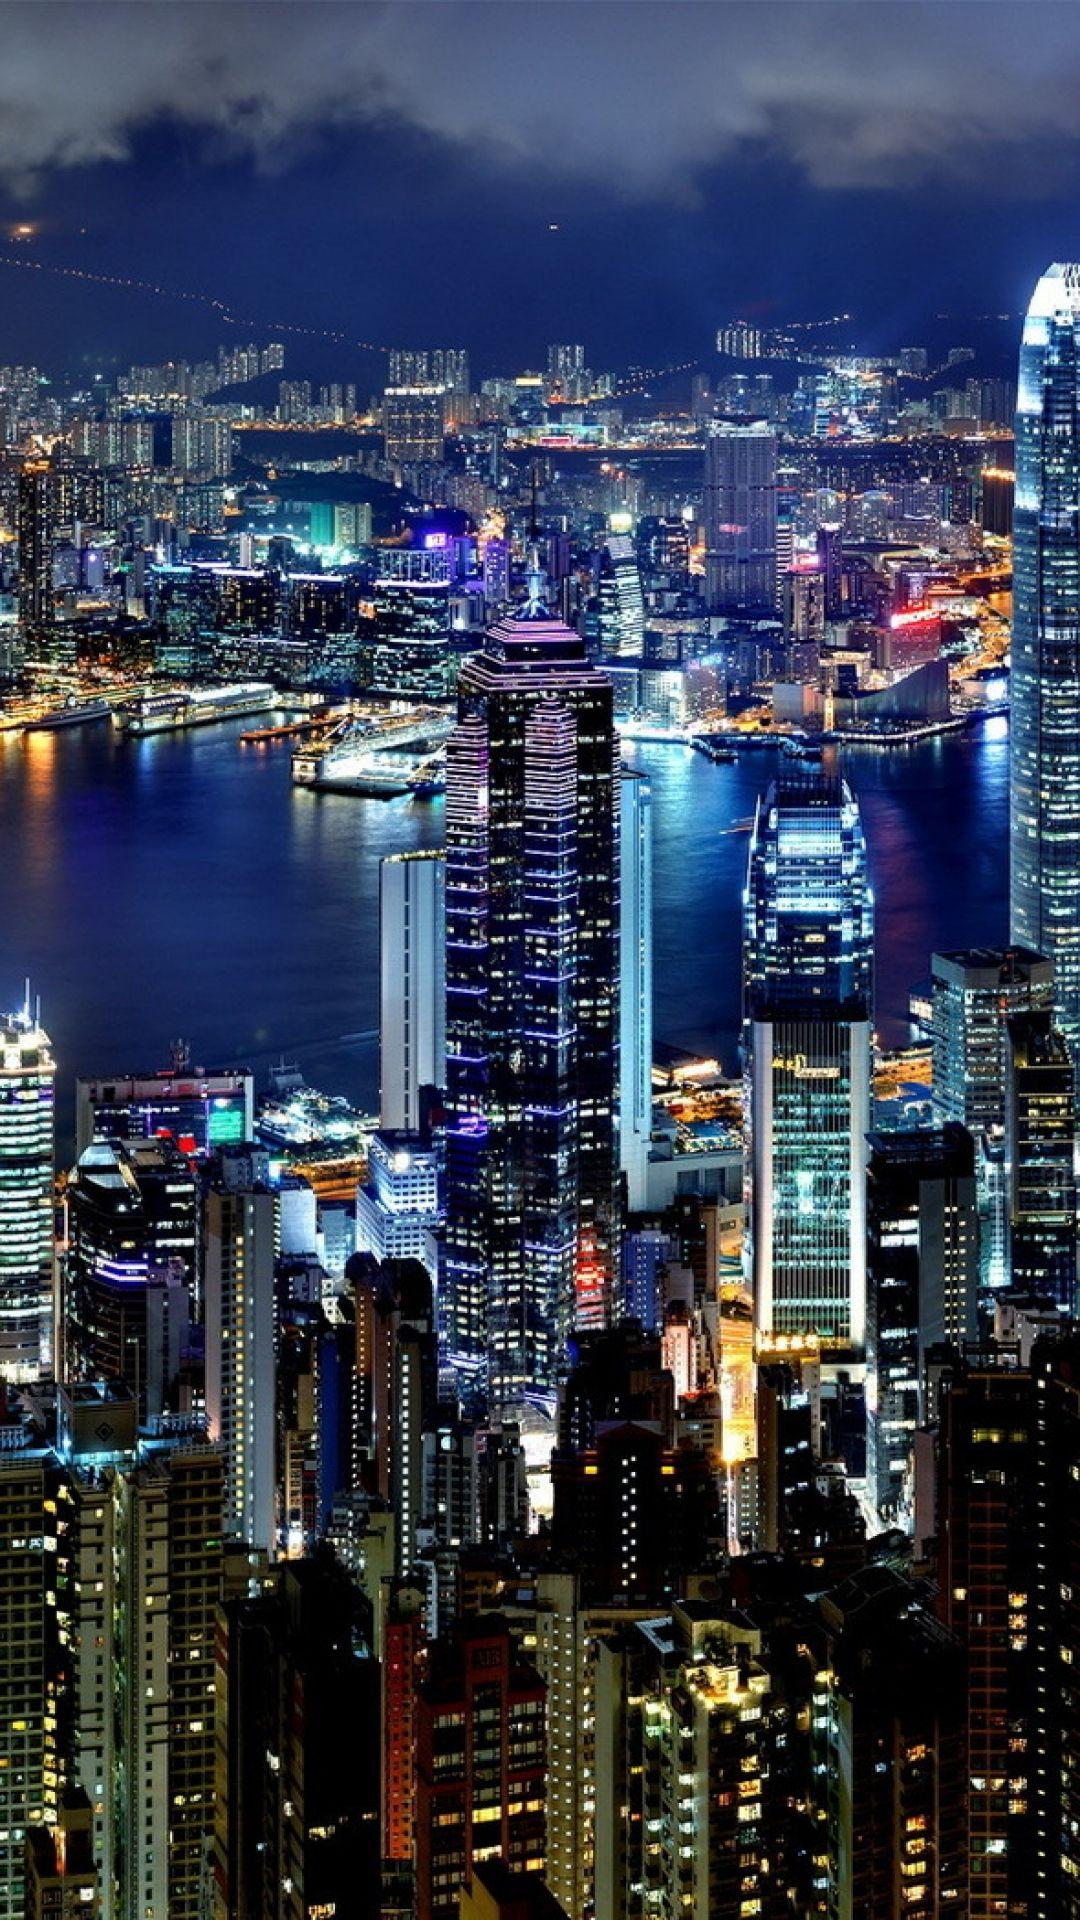 Hong Kong City Night Lights Skyscrapers Water Travel Fotos De Ciudades Imagenes De Ciudades Lugares De Vacaciones